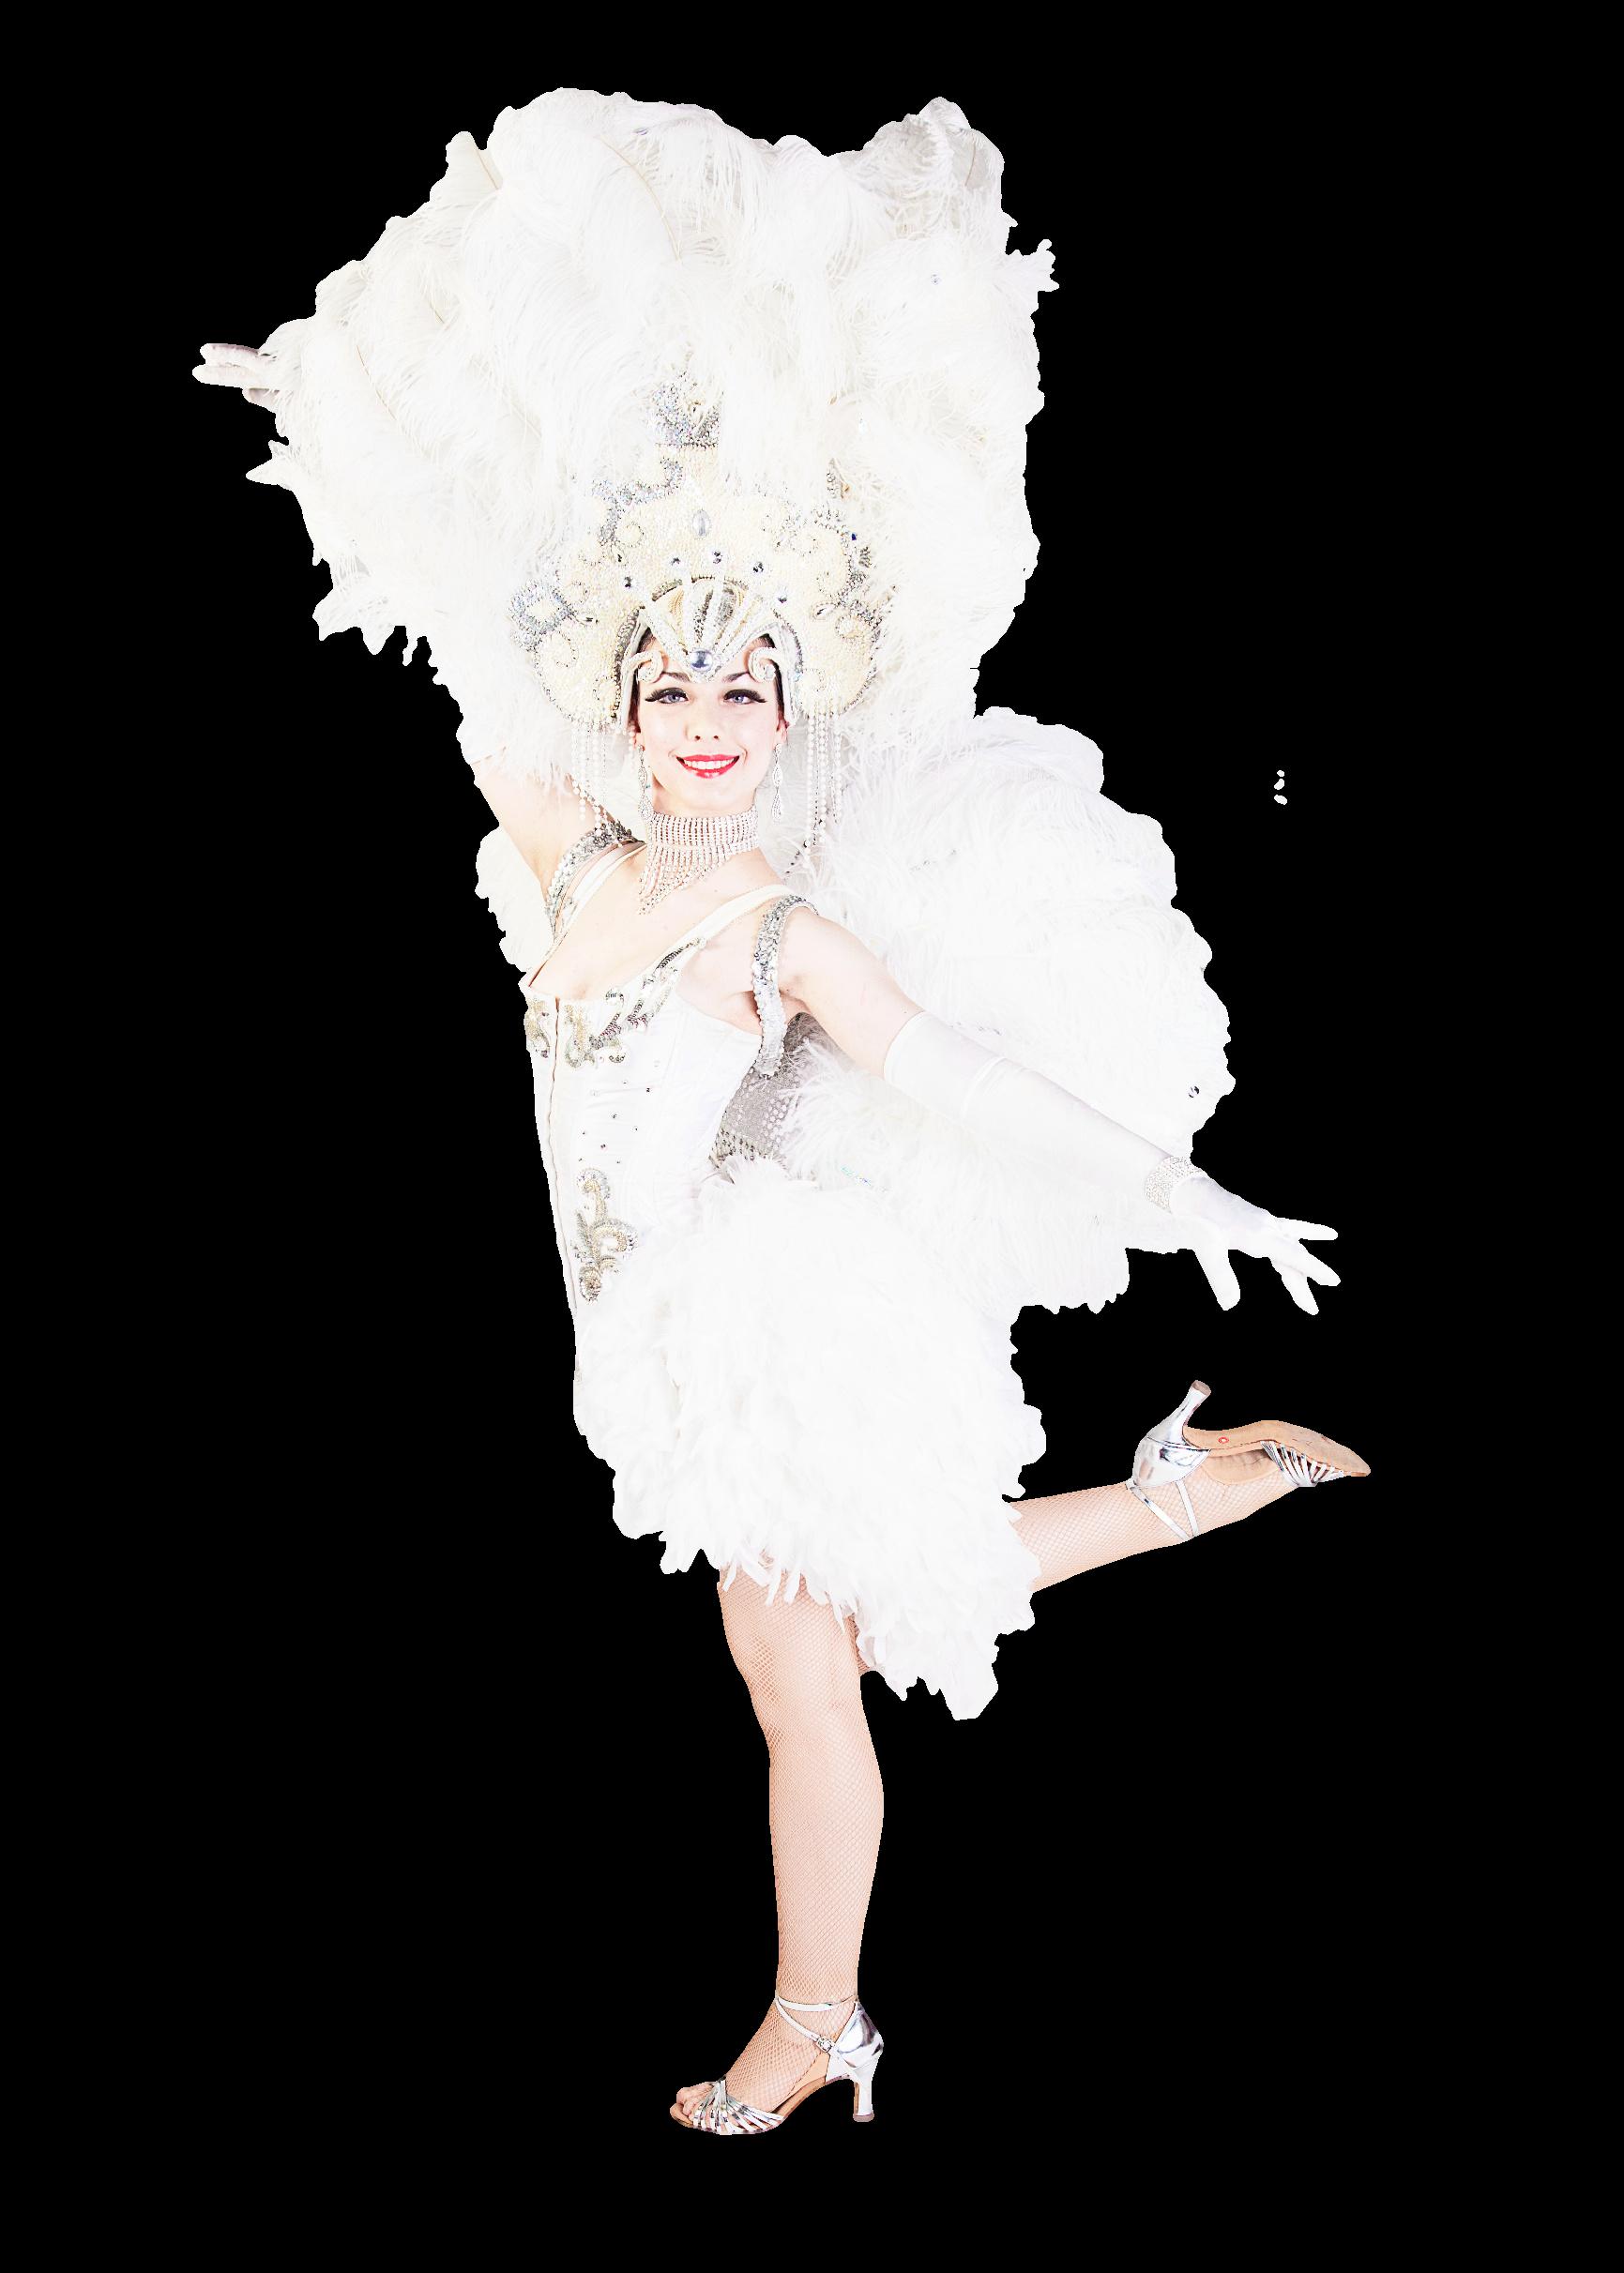 wedding showgirl,rsdivas,tropicana